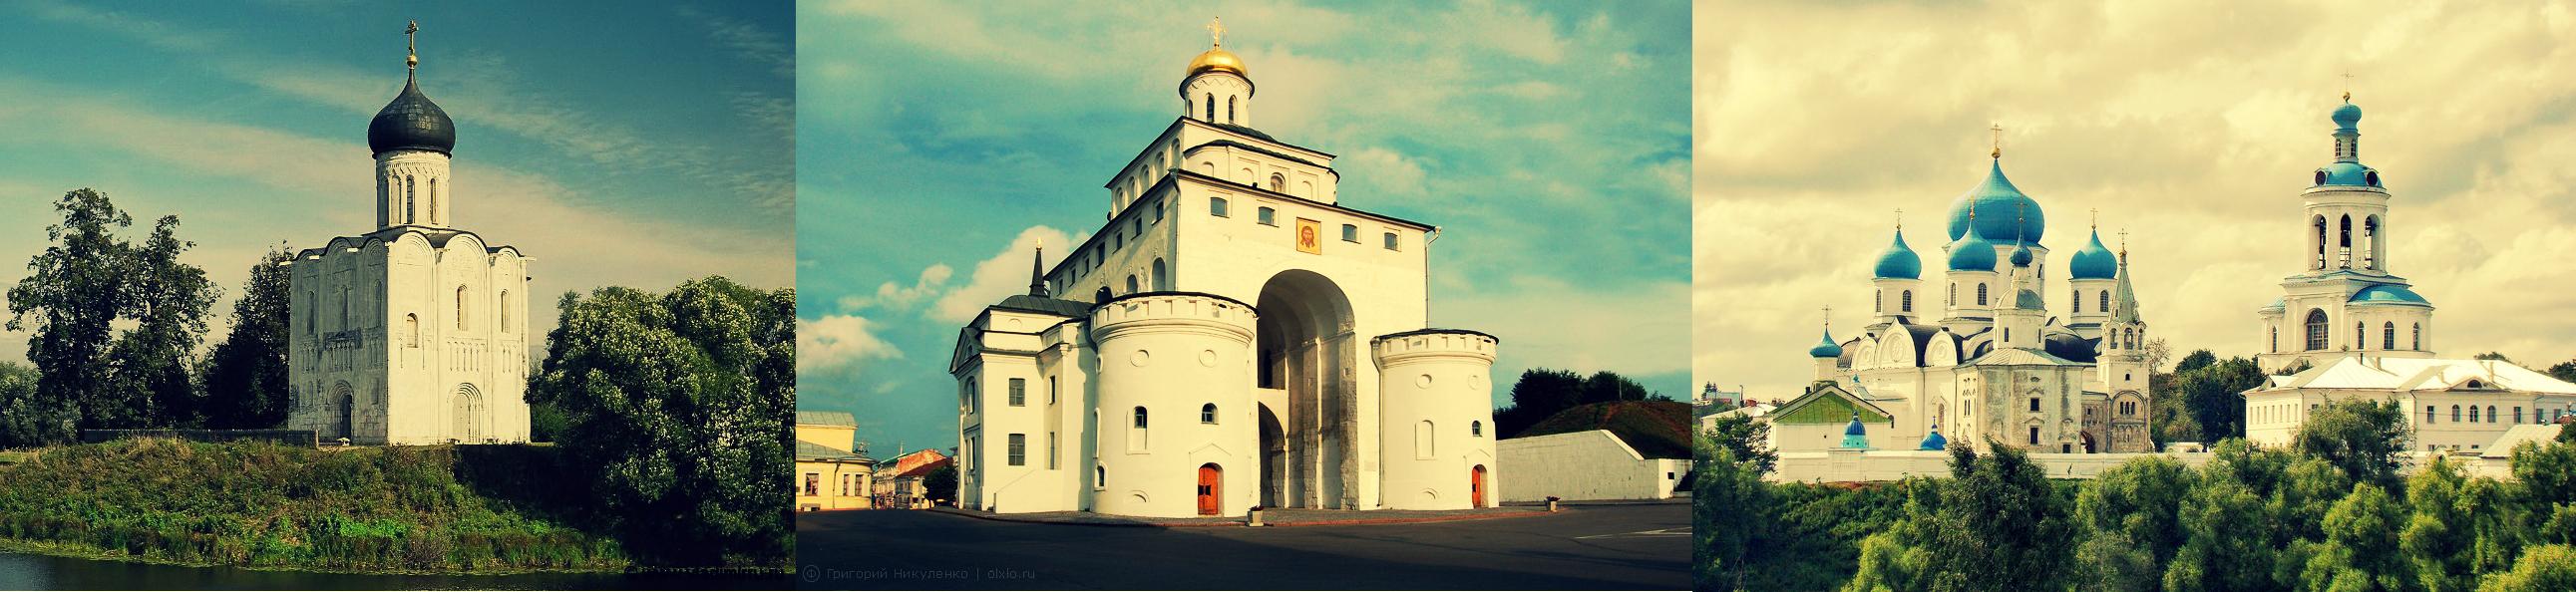 Культурное развитие русских земель и княжеств